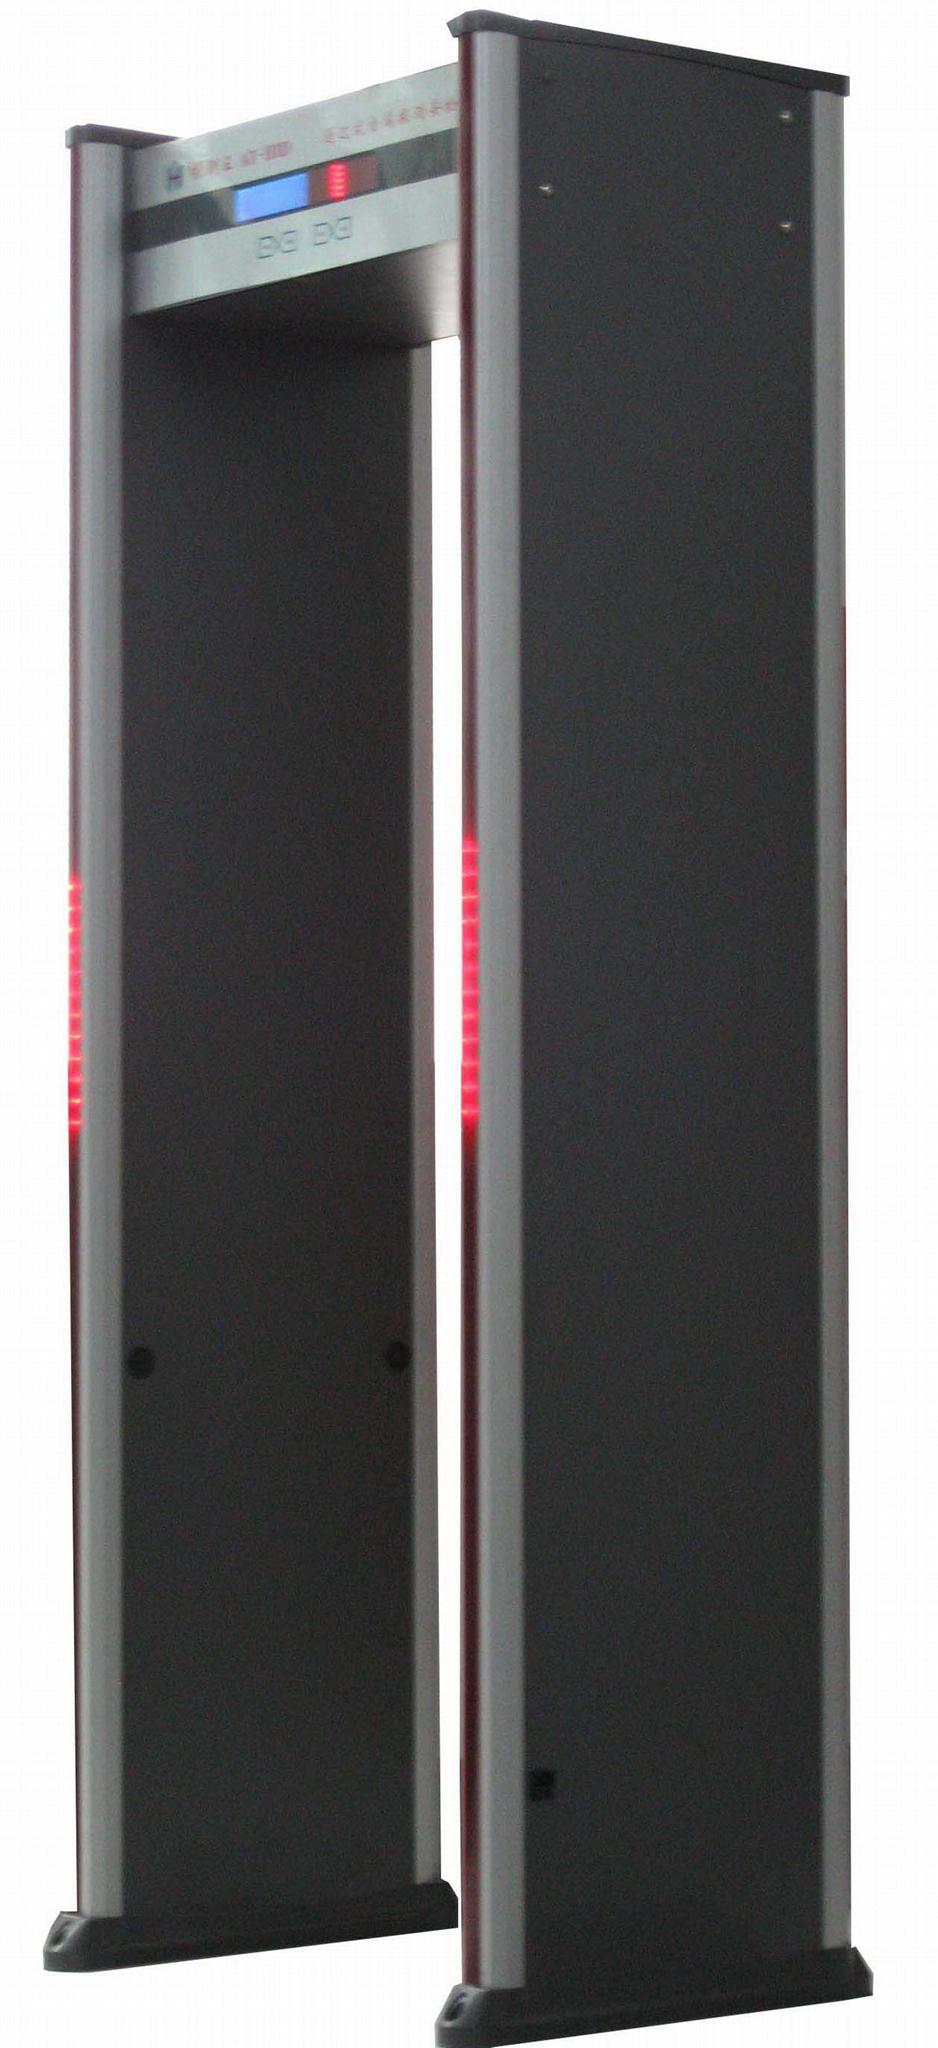 安天下AT-IIID 金屬探測安檢門 1